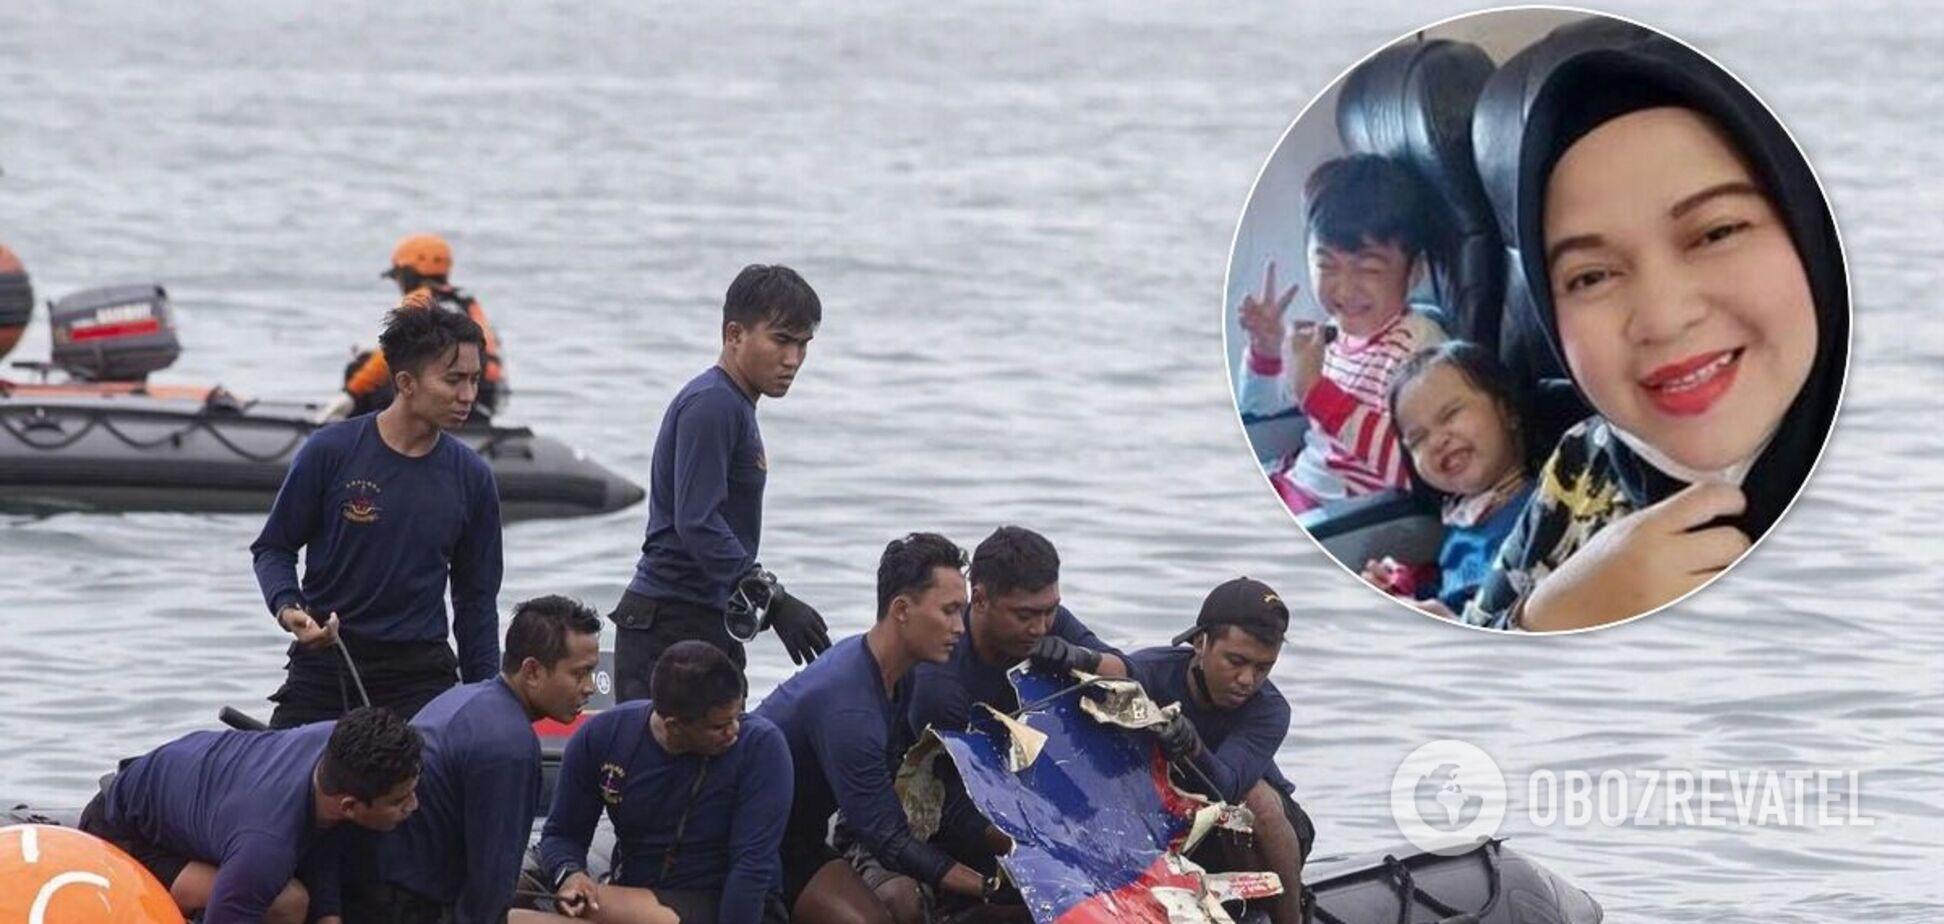 Опубликовано прощальное сообщение матери с детьми, которые стали жертвами авиакатастрофы в Индонезии. Фото